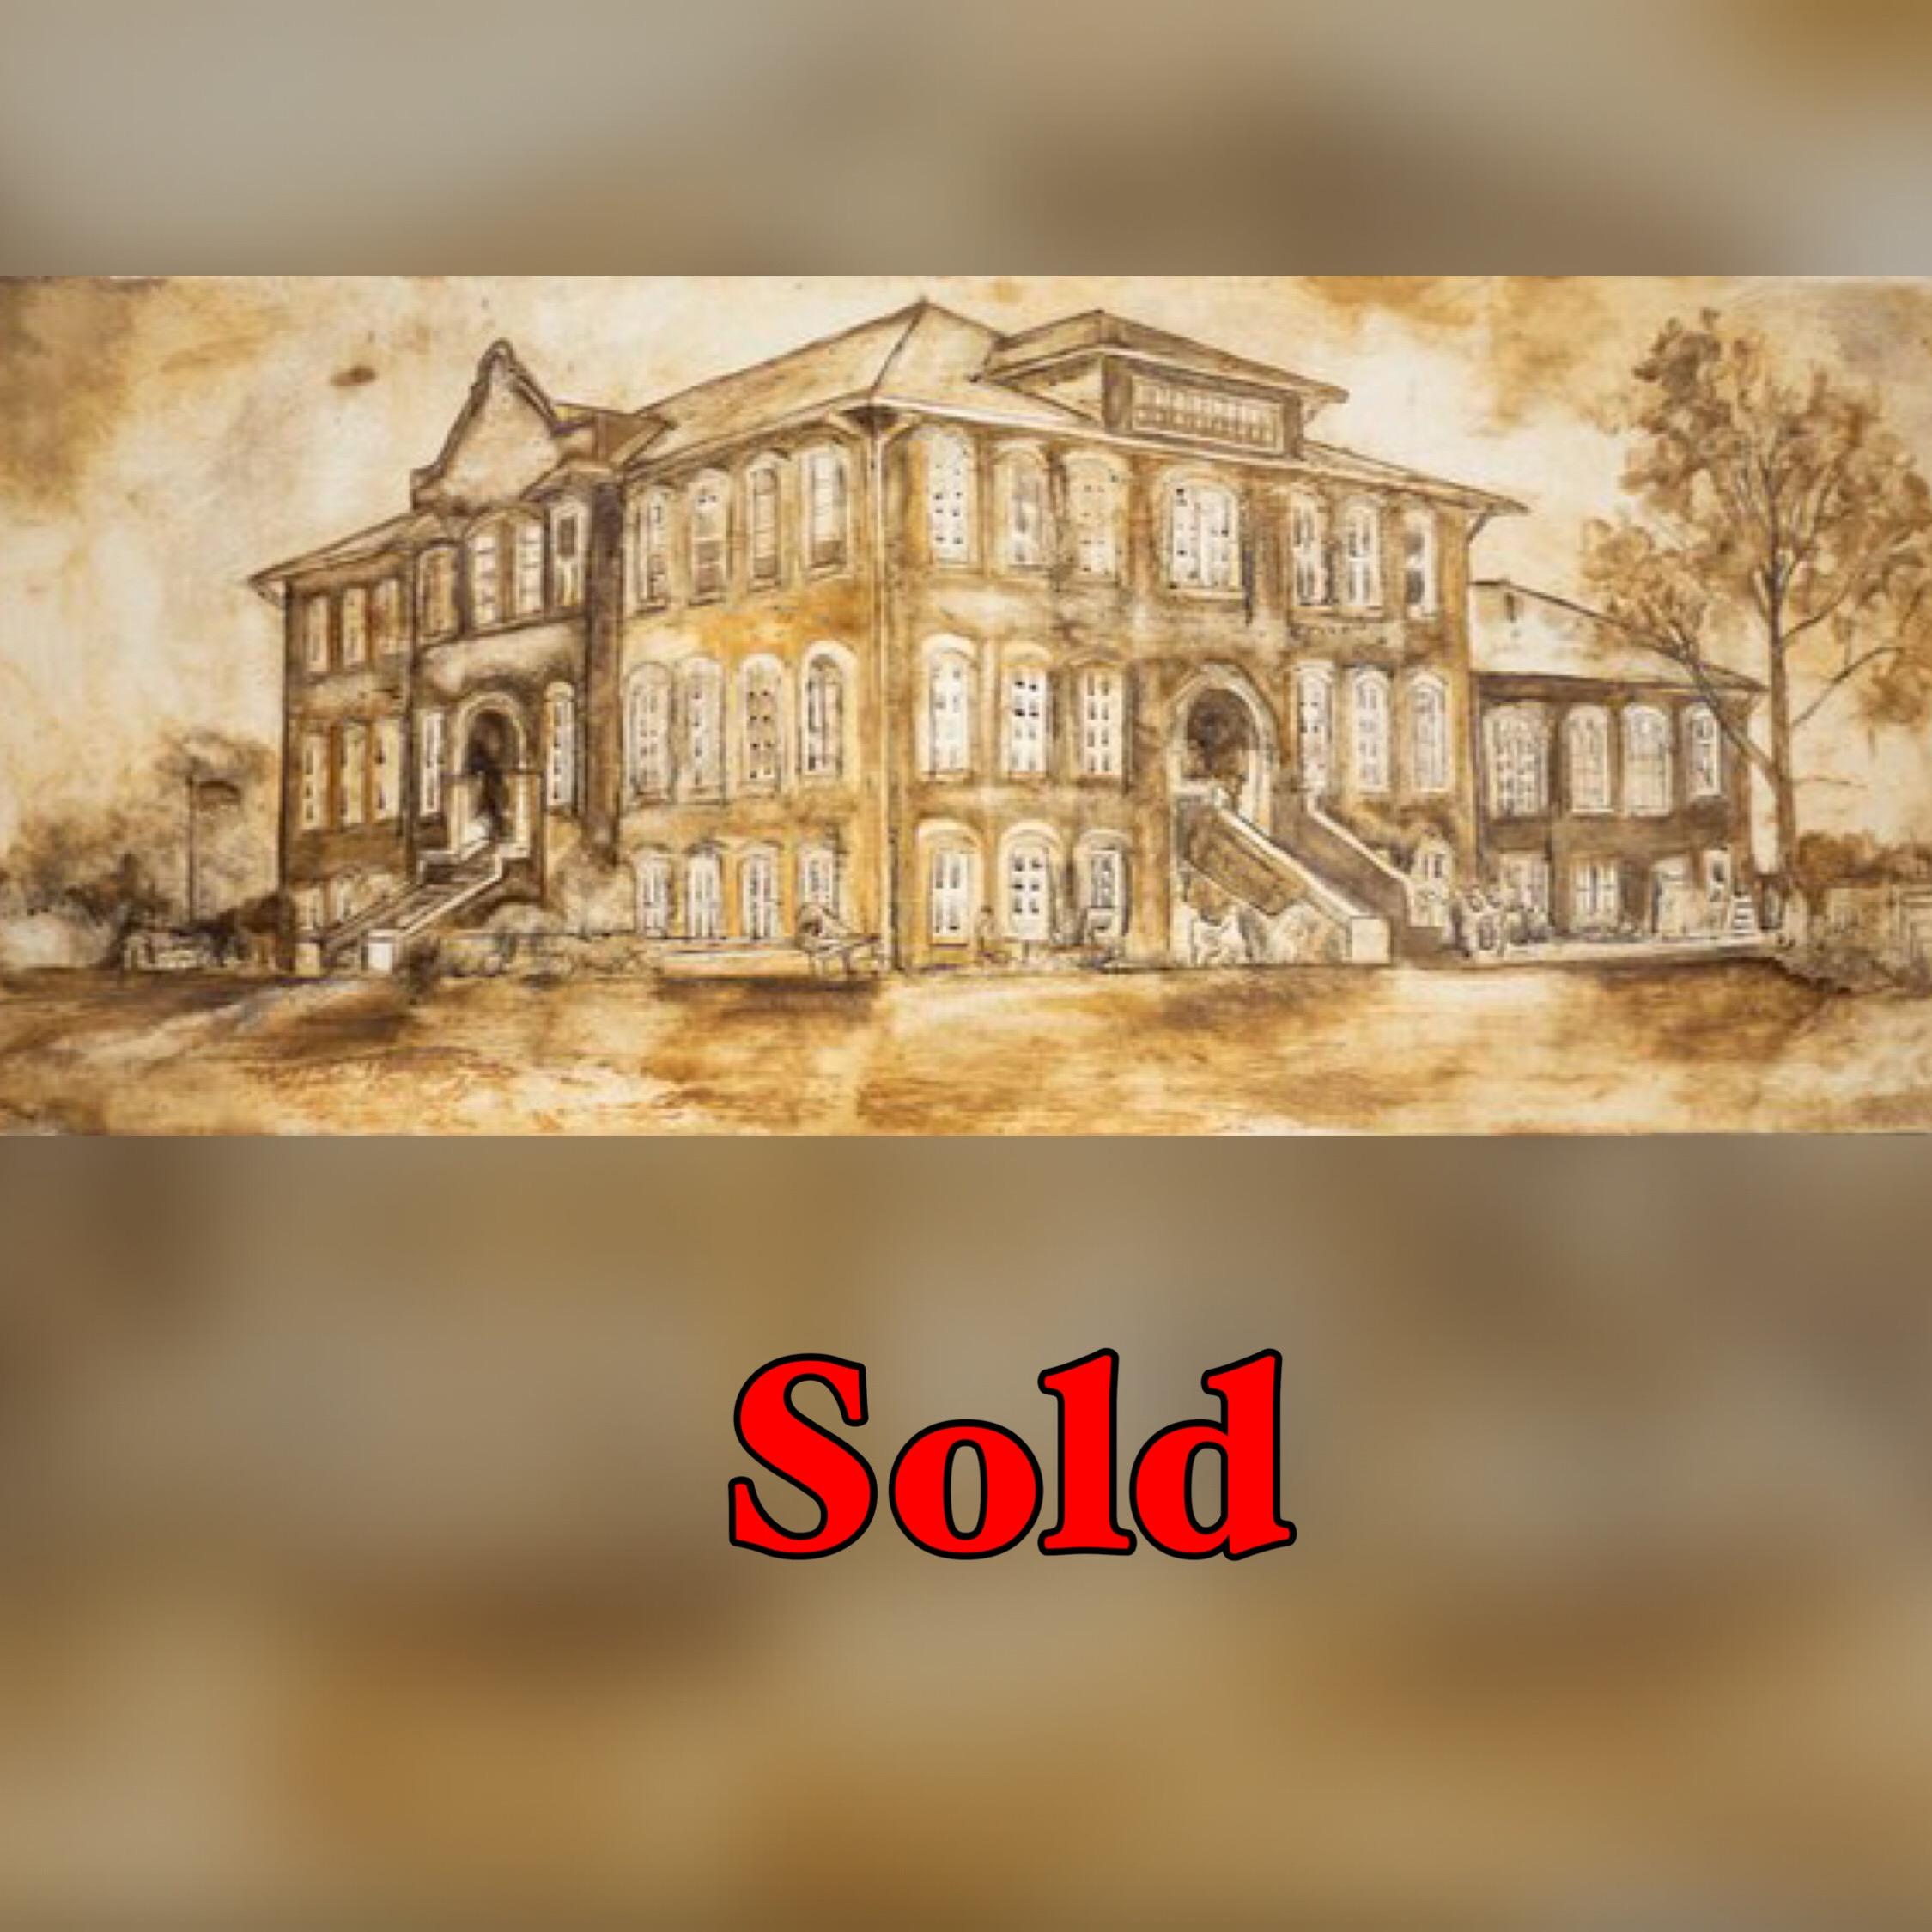 Old Belhaven School Sold.jpg